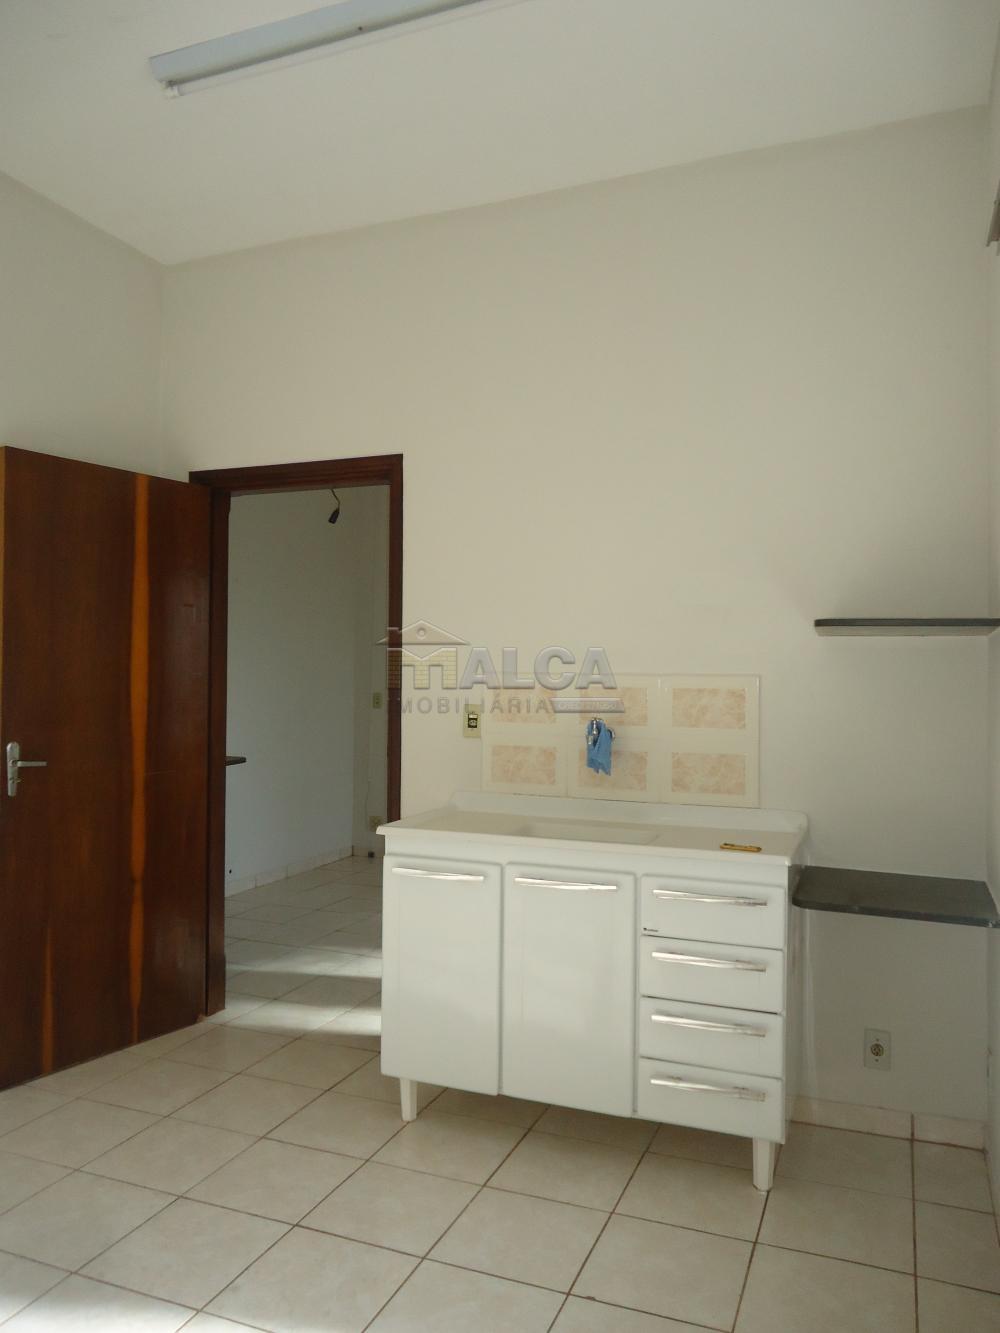 Alugar Comerciais / Salas em São José do Rio Pardo apenas R$ 400,00 - Foto 10